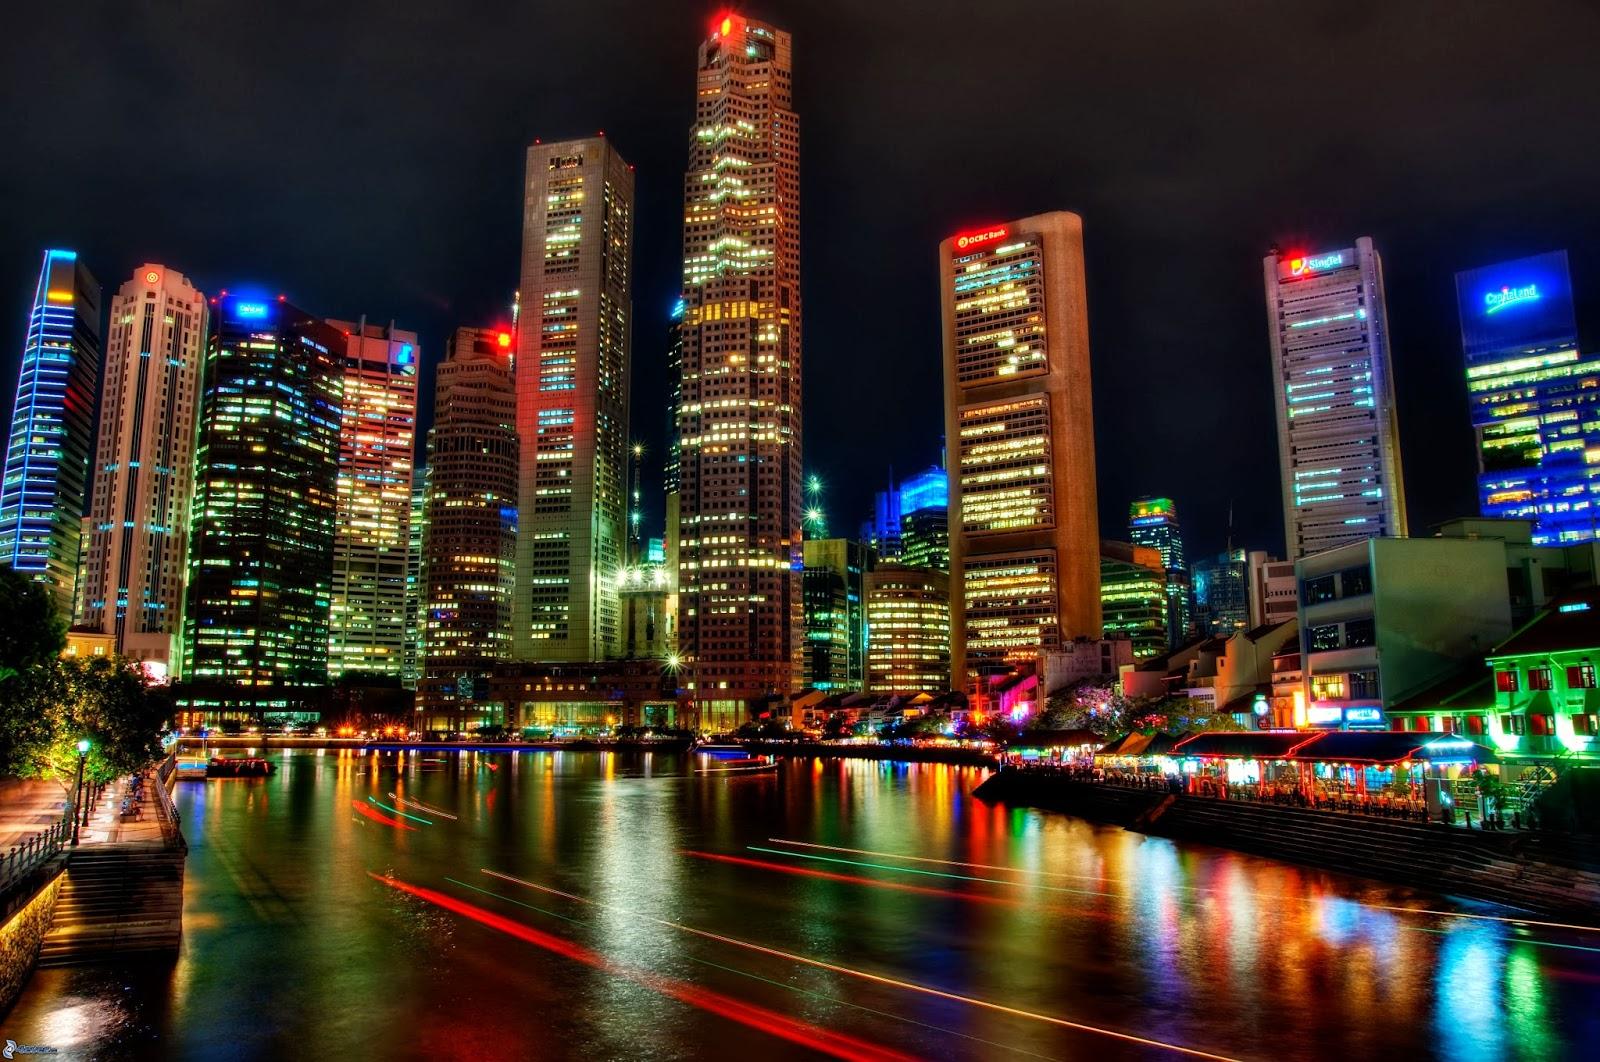 La ciudad de Singapur de noche